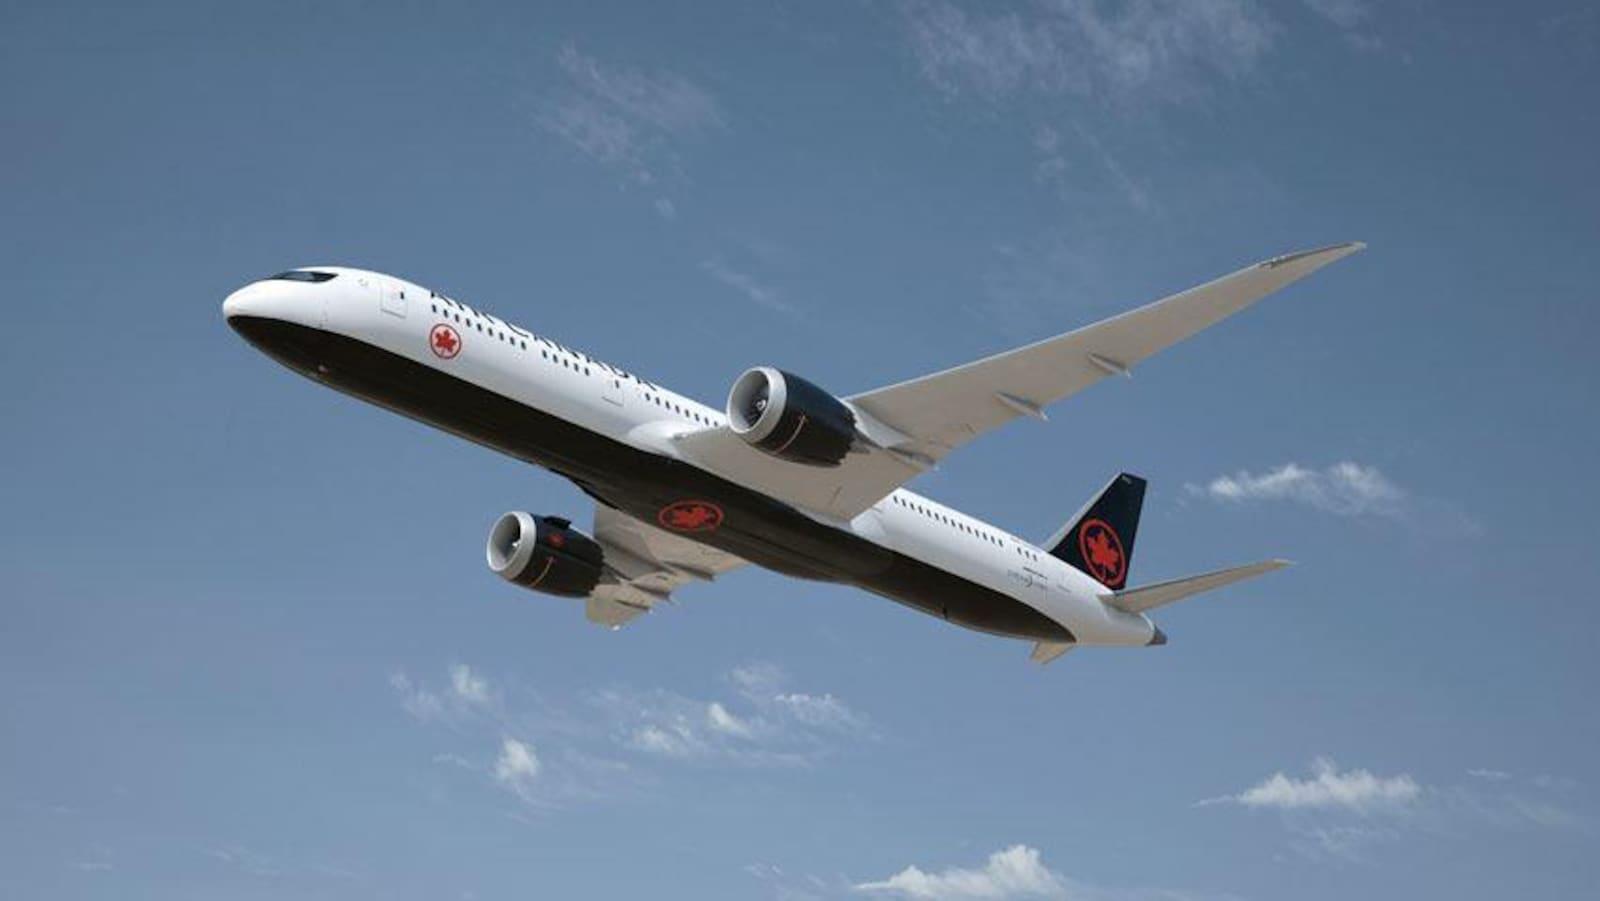 Un avion peint aux couleurs d'Air Canada (noir et rouge) en plein vol.